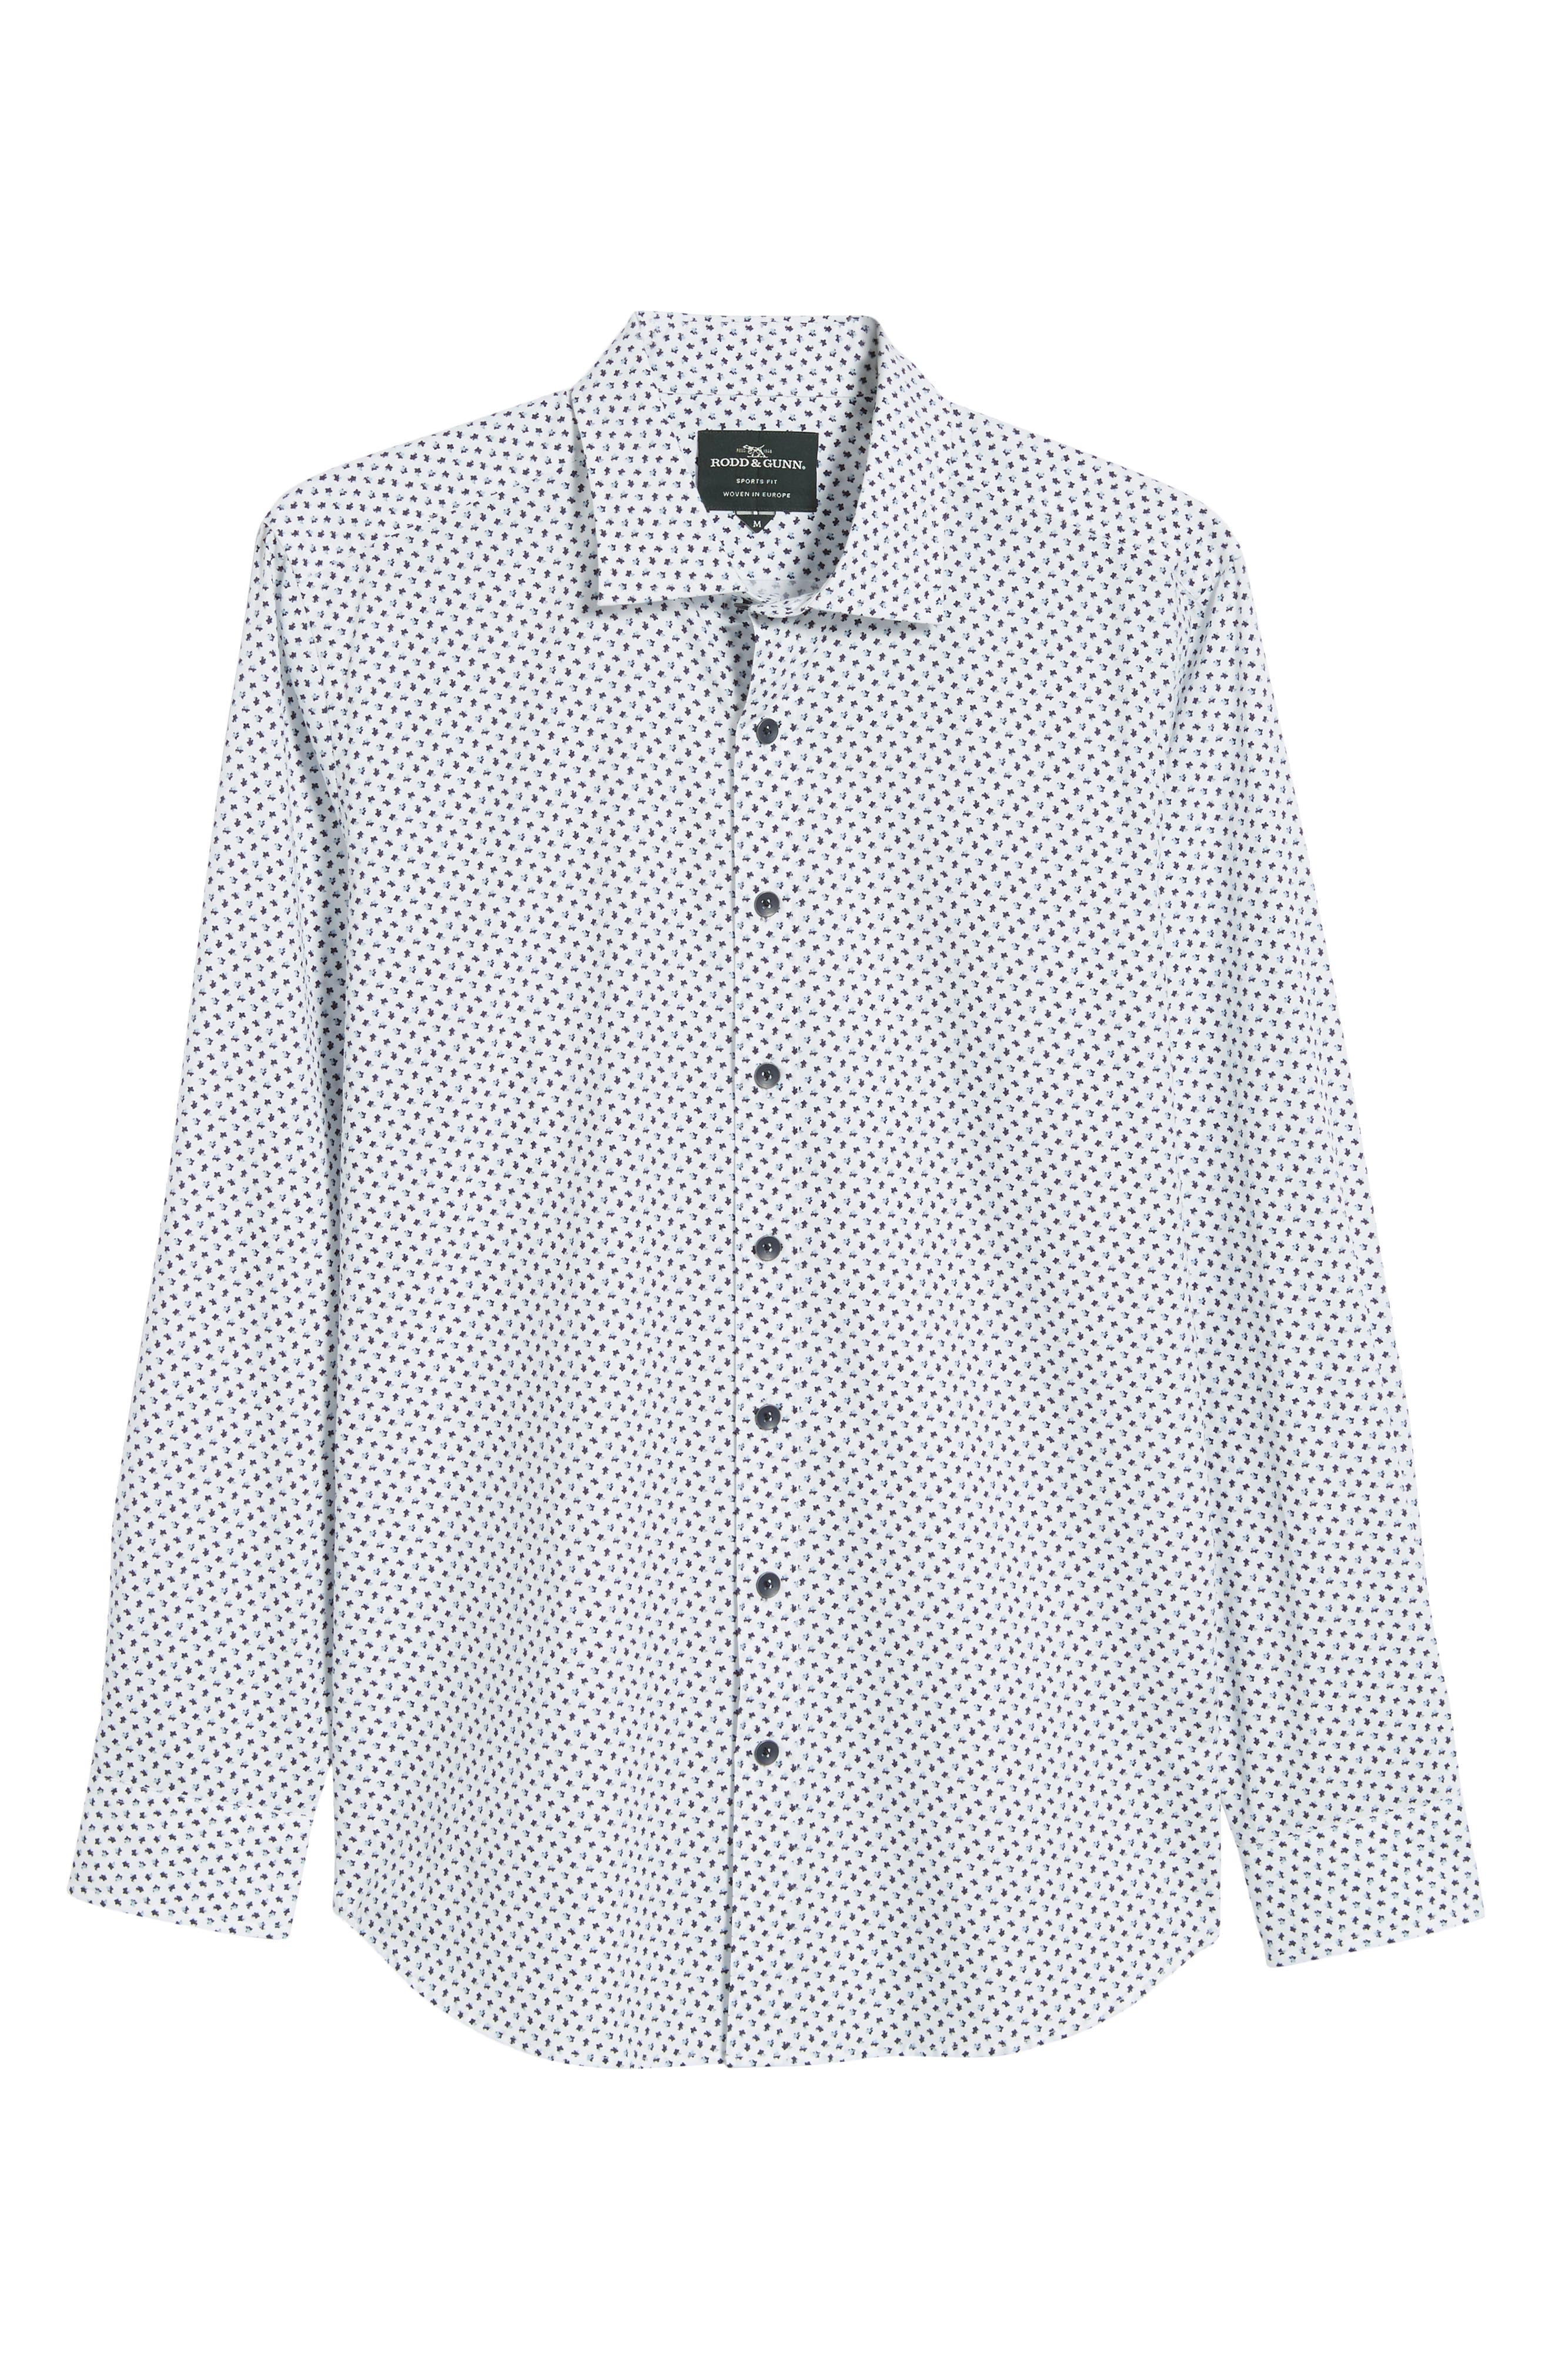 RODD & GUNN, Northcross Sport Shirt, Alternate thumbnail 5, color, IVORY